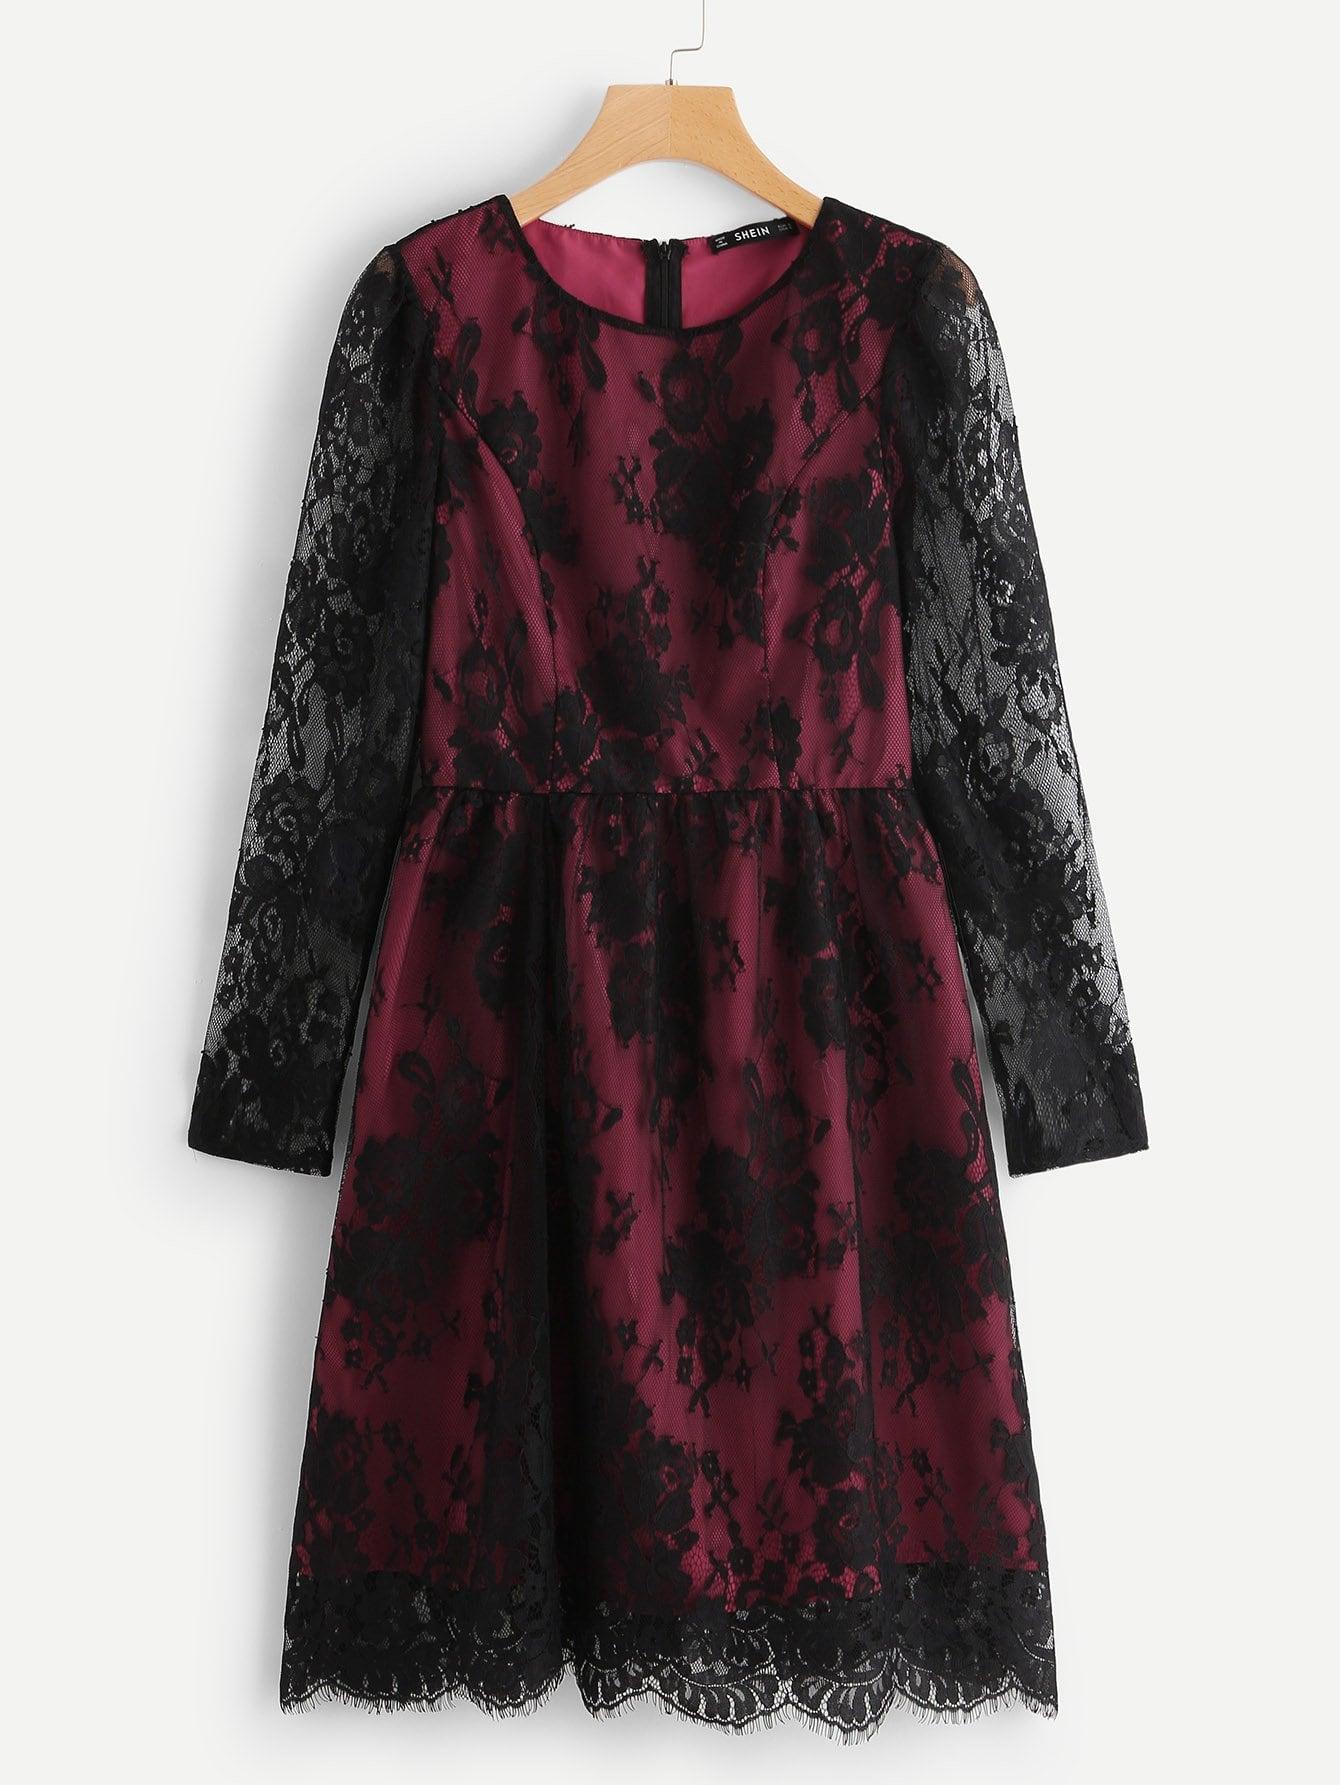 Купить Прозрачное платье со симметрическими кружевами, null, SheIn